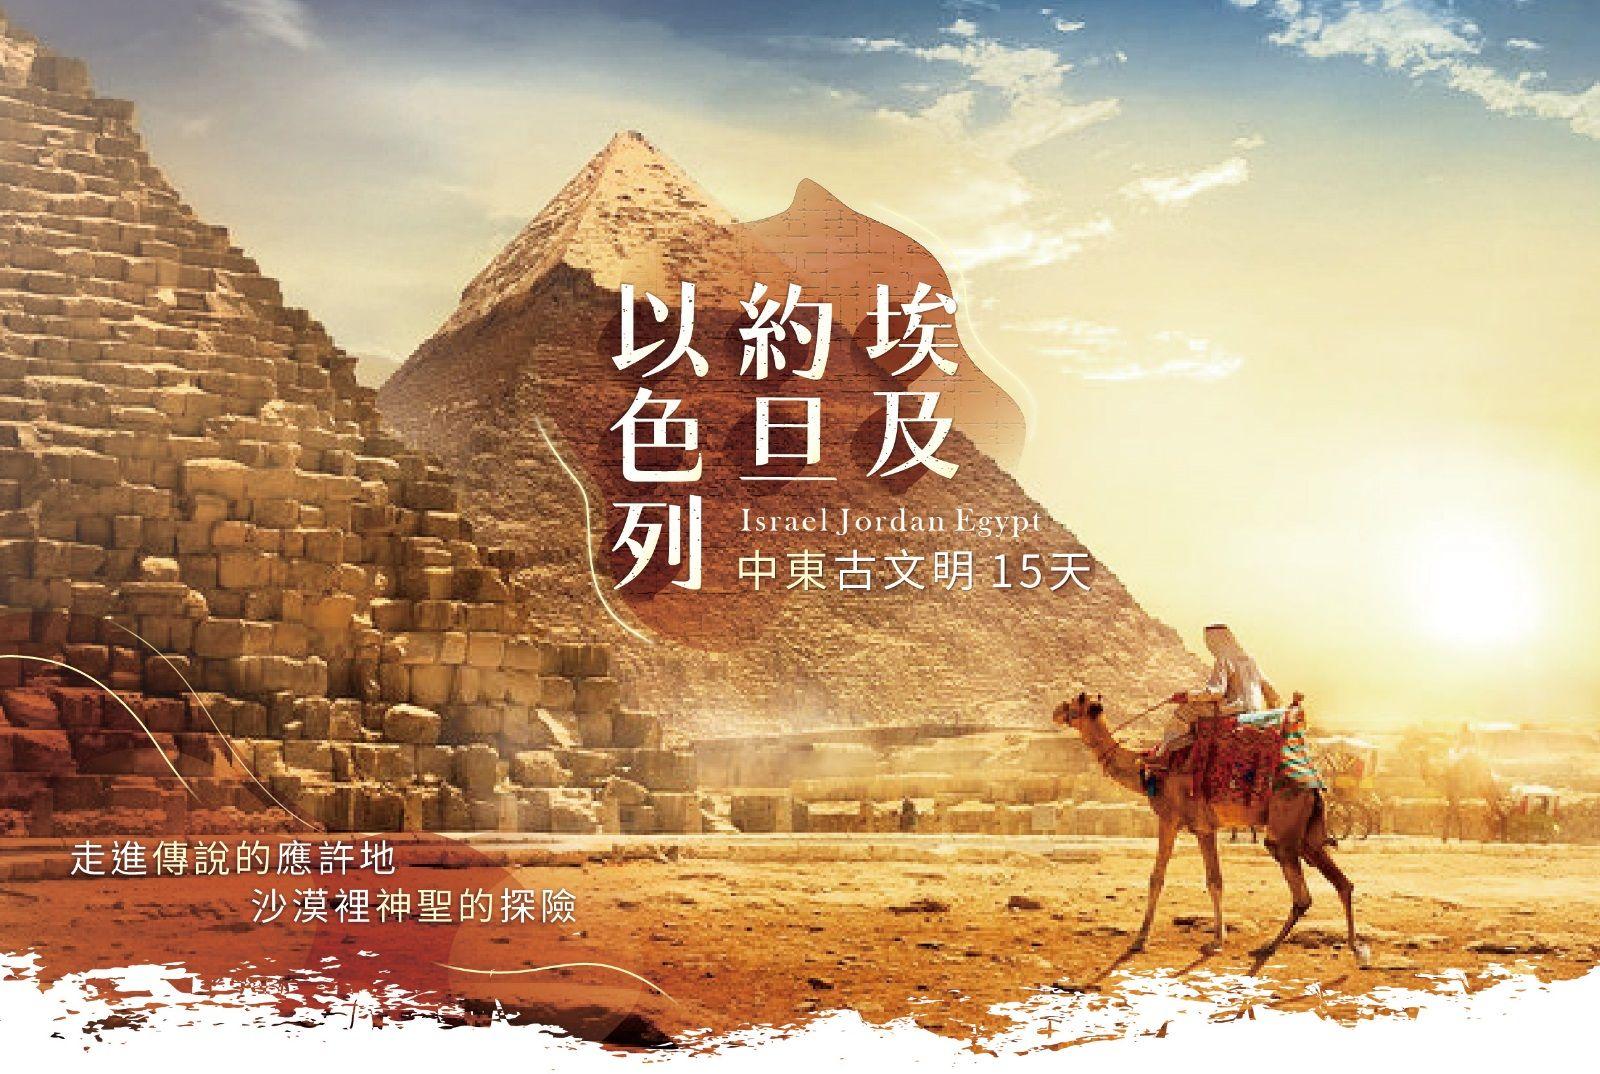 以色列.約旦.埃及中東古文明15天